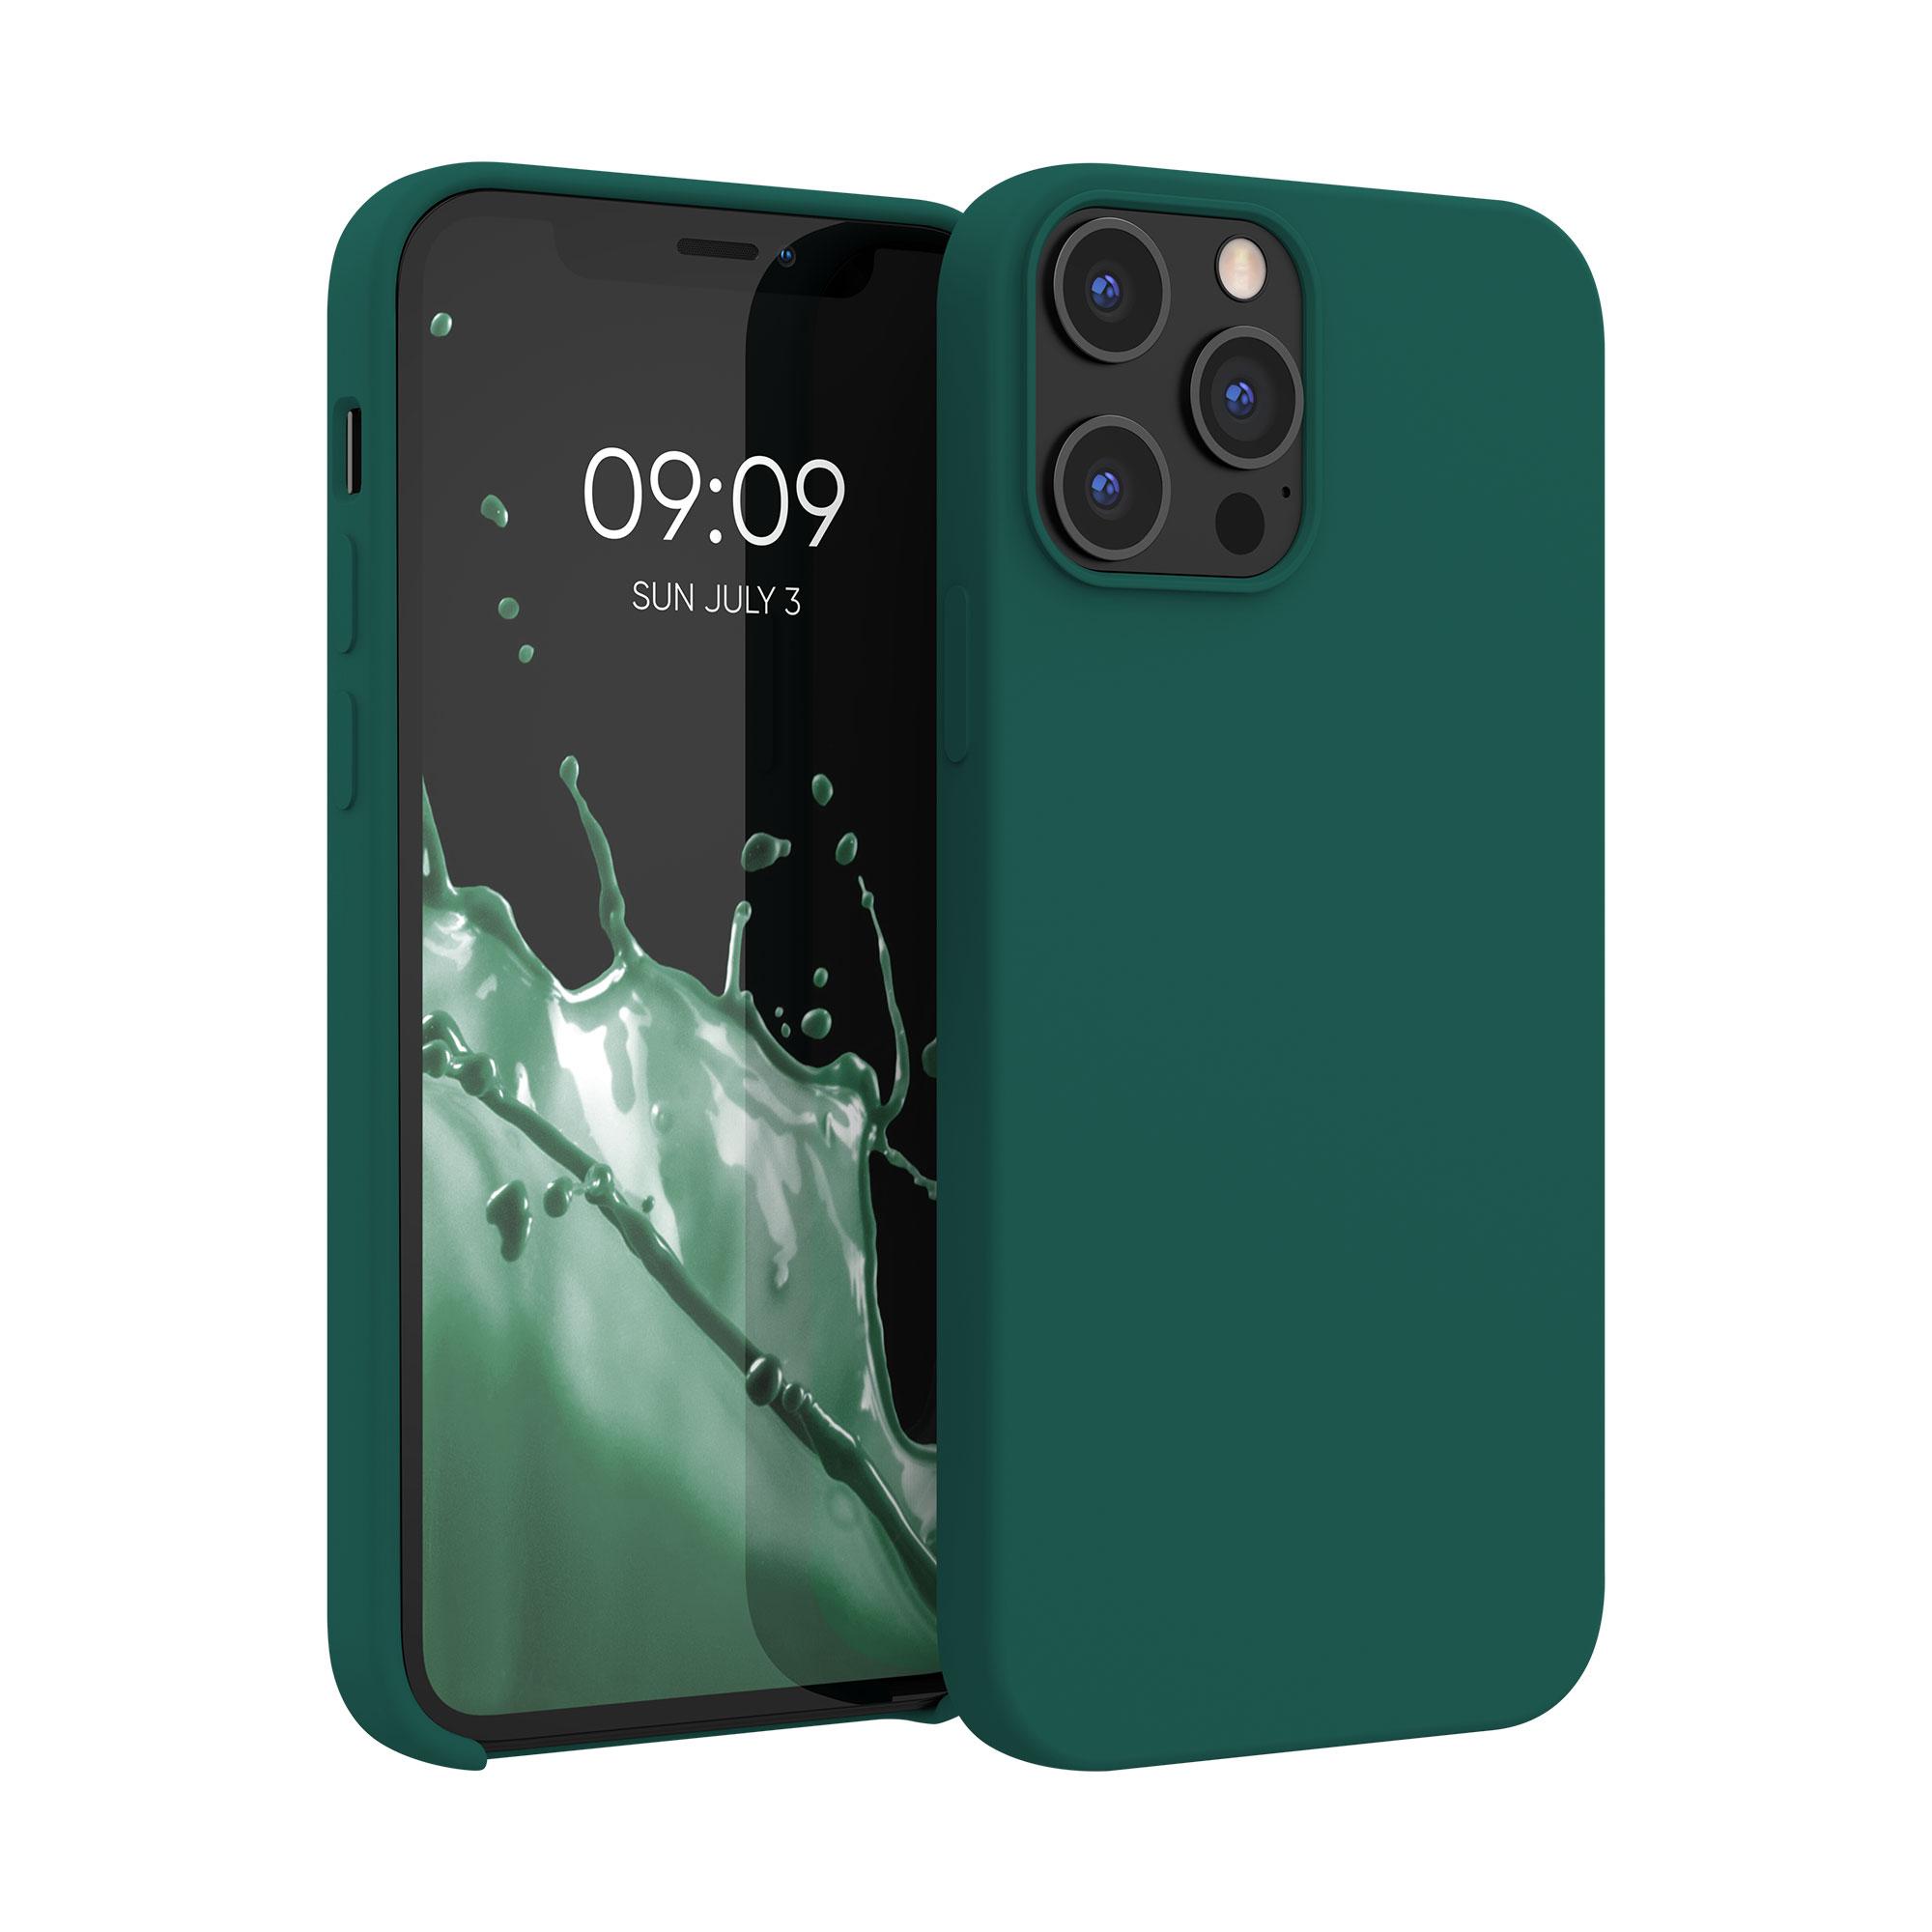 Kvalitní silikonové TPU pouzdro pro Apple iPhone 12 Pro Max - Turquoise Green